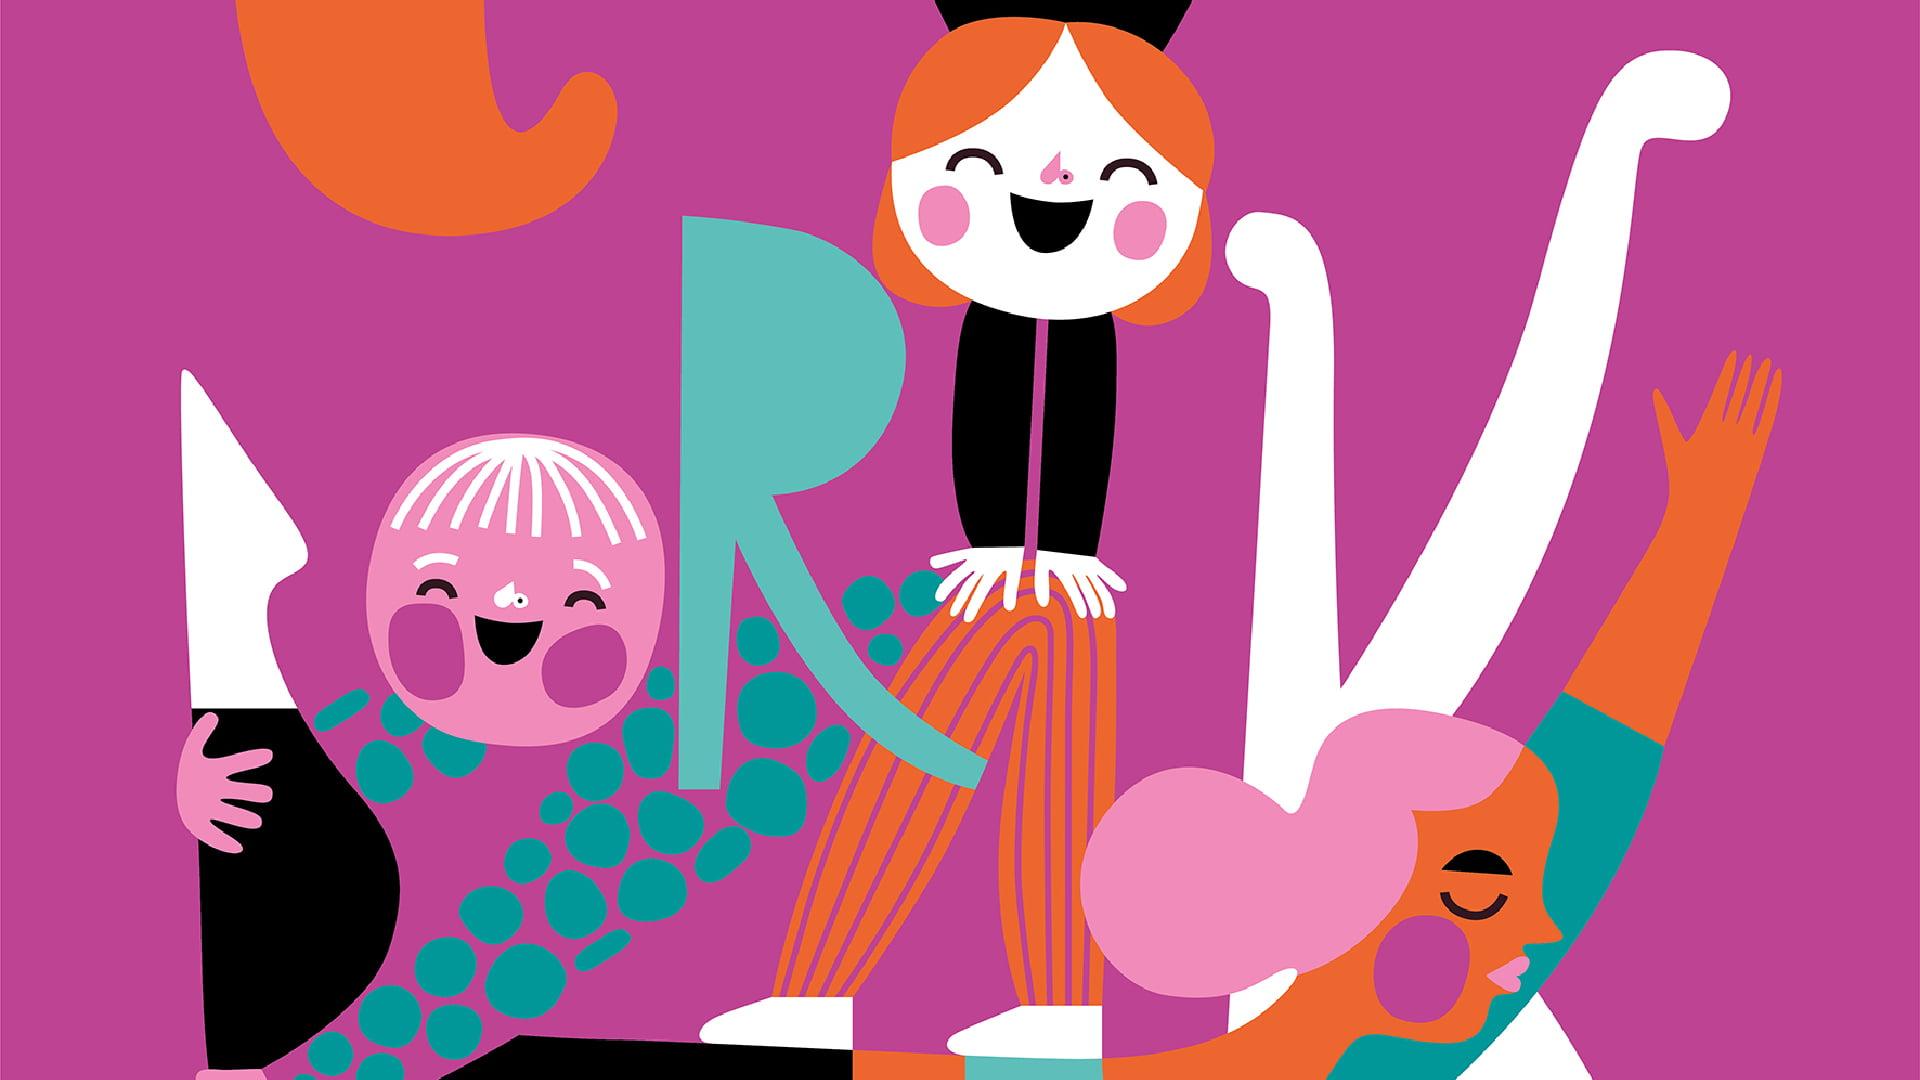 Grafika przedstawia trzy dziewczęce twarze oraz różne graficzne elementy.